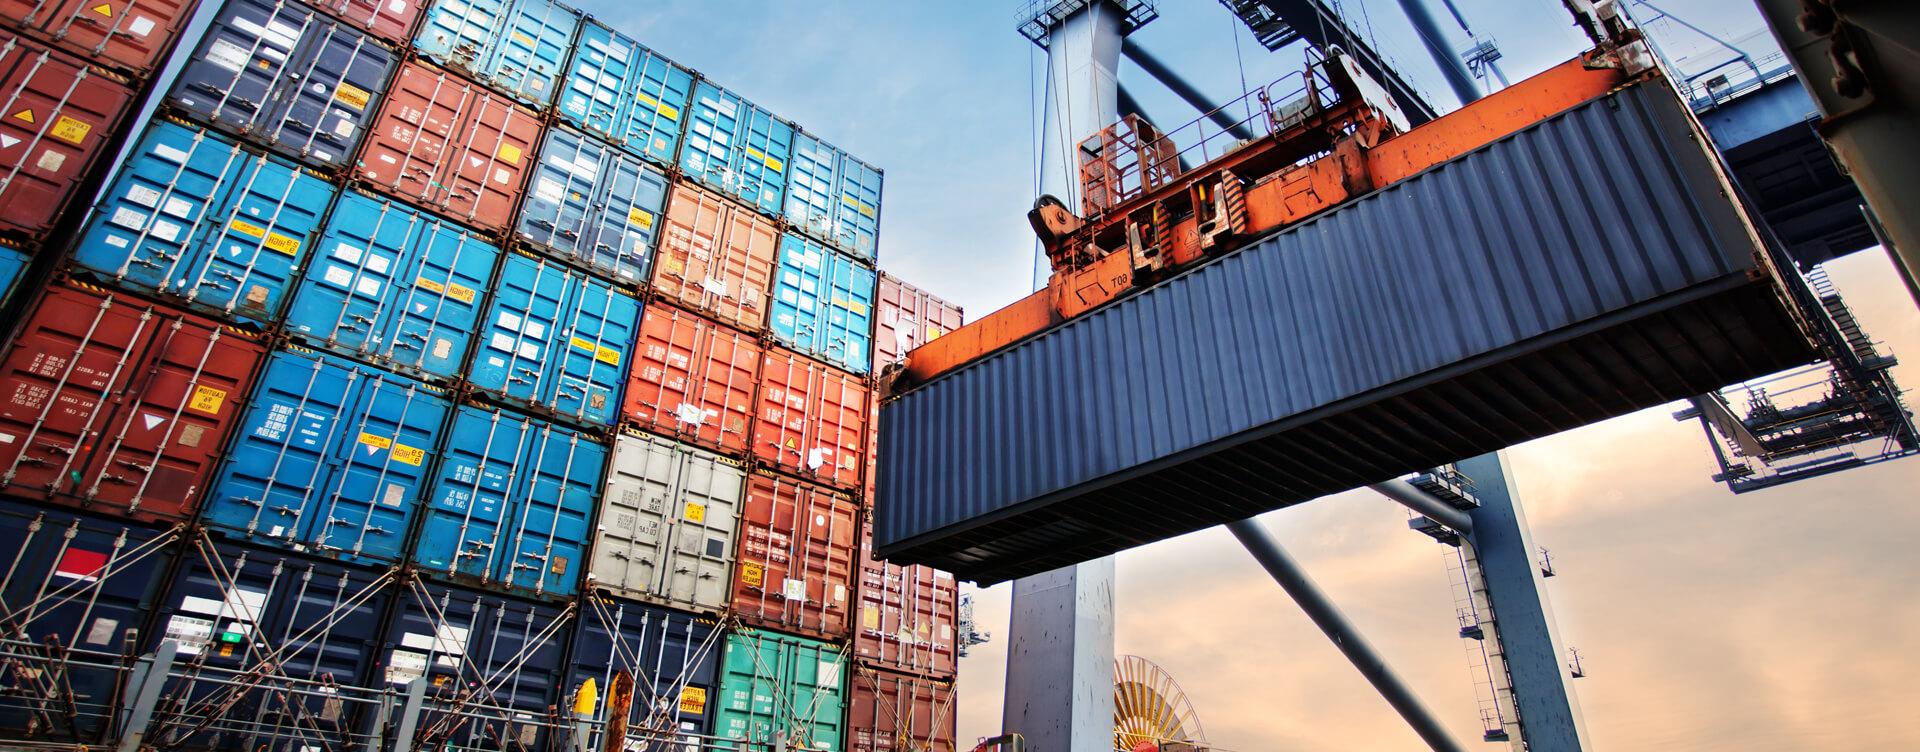 Рынок морских контейнерных перевозок значительно сократился в апреле-мае 2020 г. из-за пандемии covid-19 1